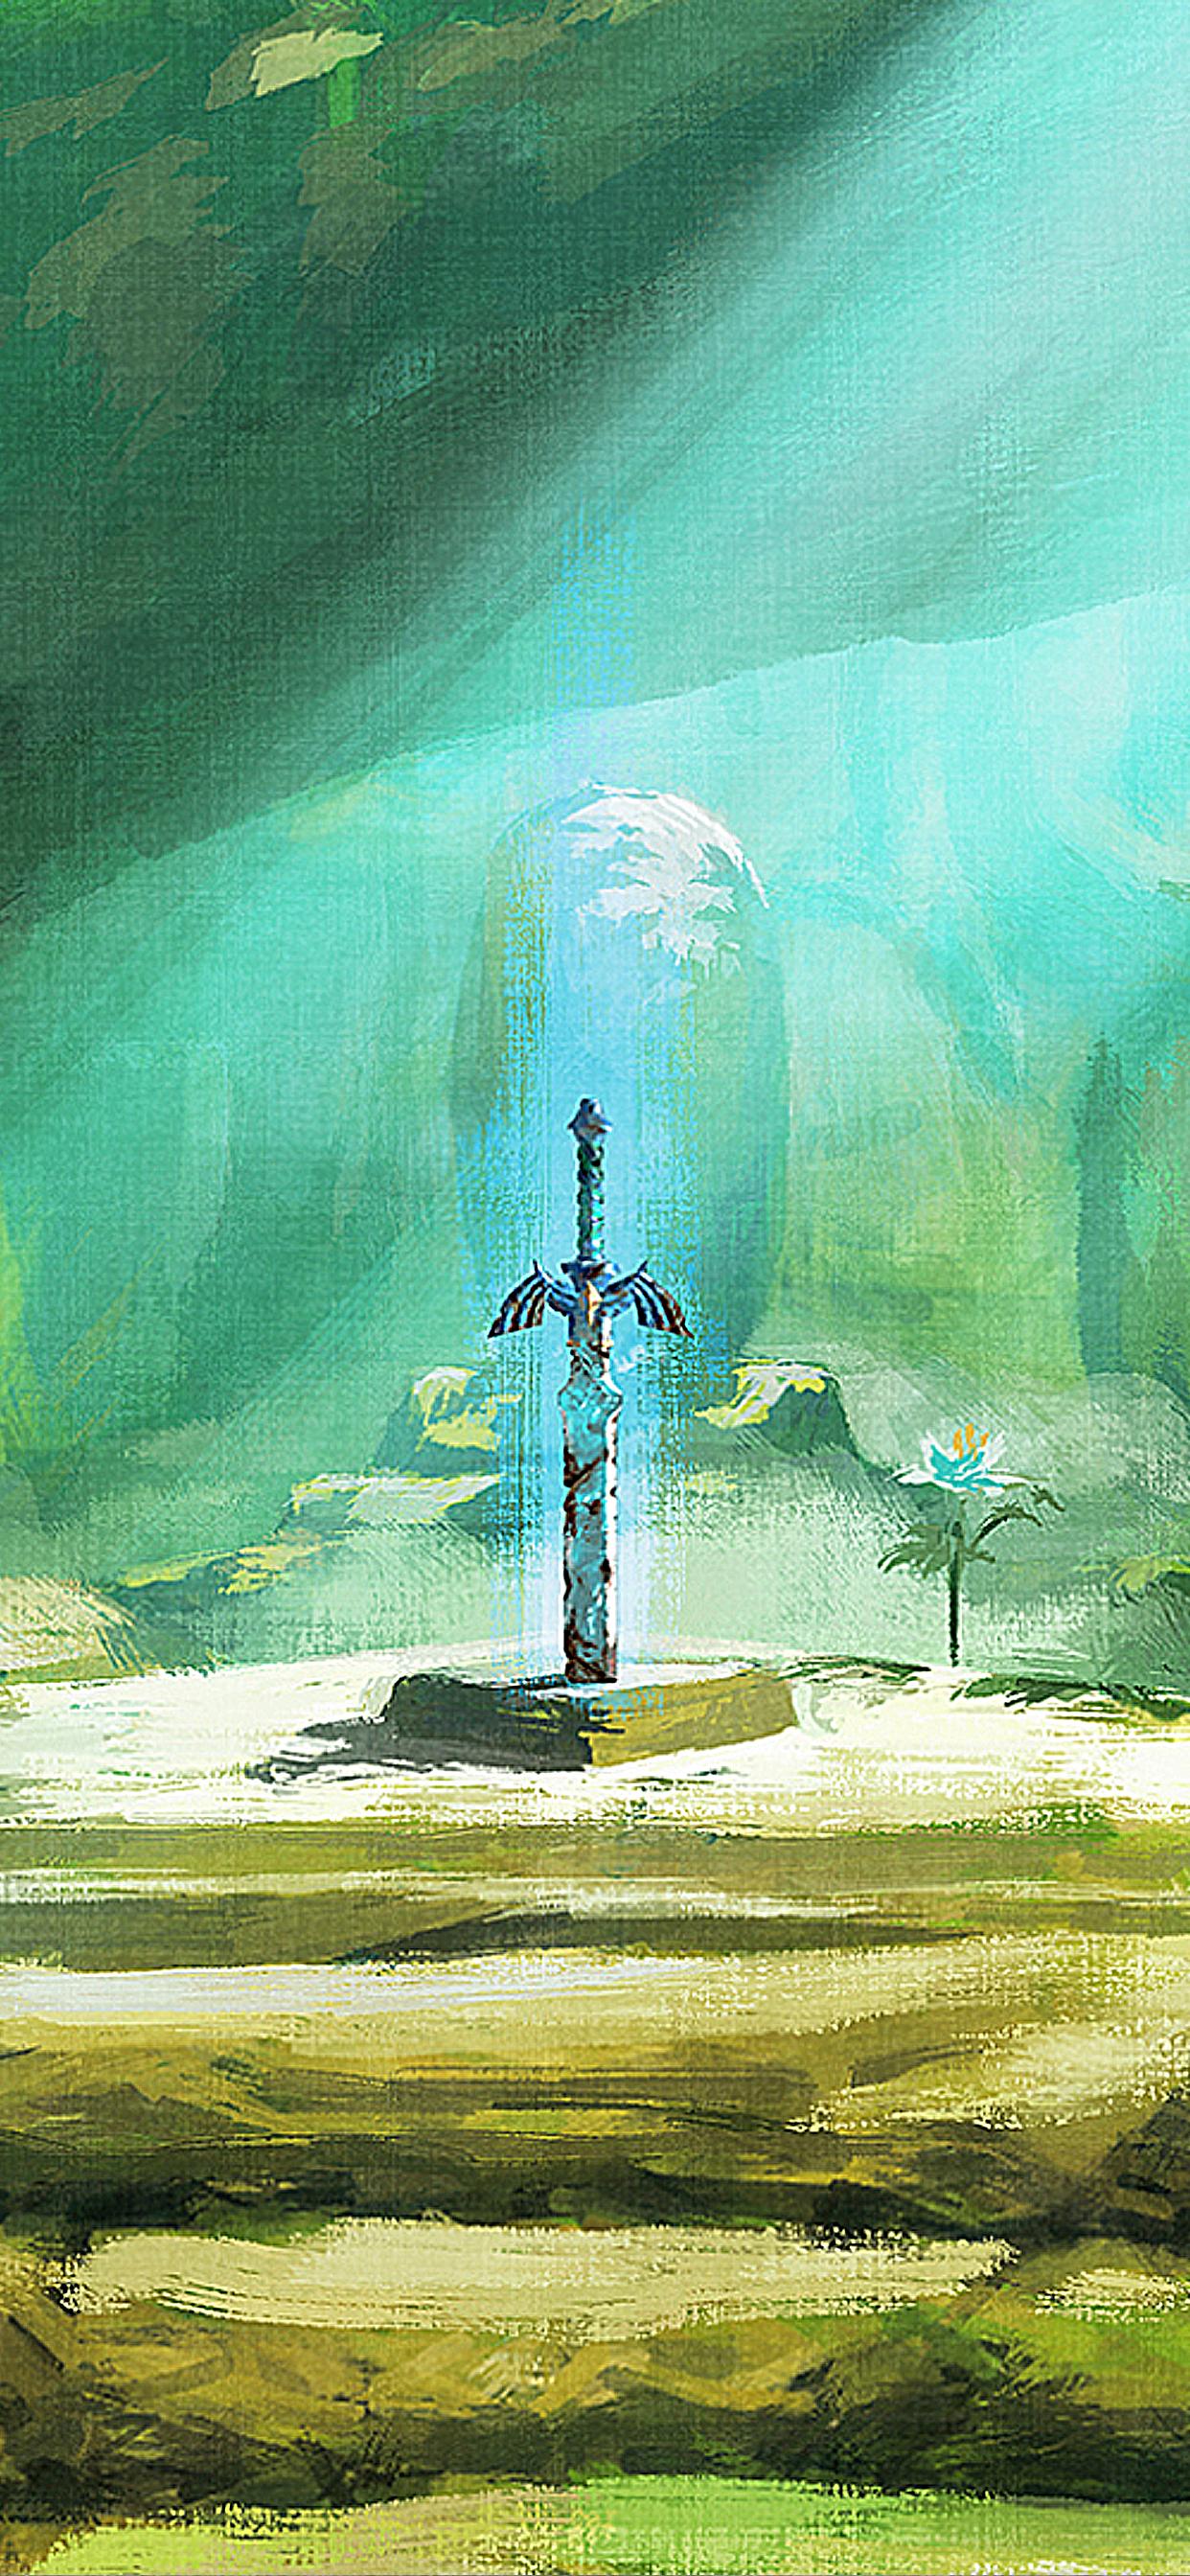 The Legend of Zelda Breath of the Wild Nintendo iPhone wallpaper